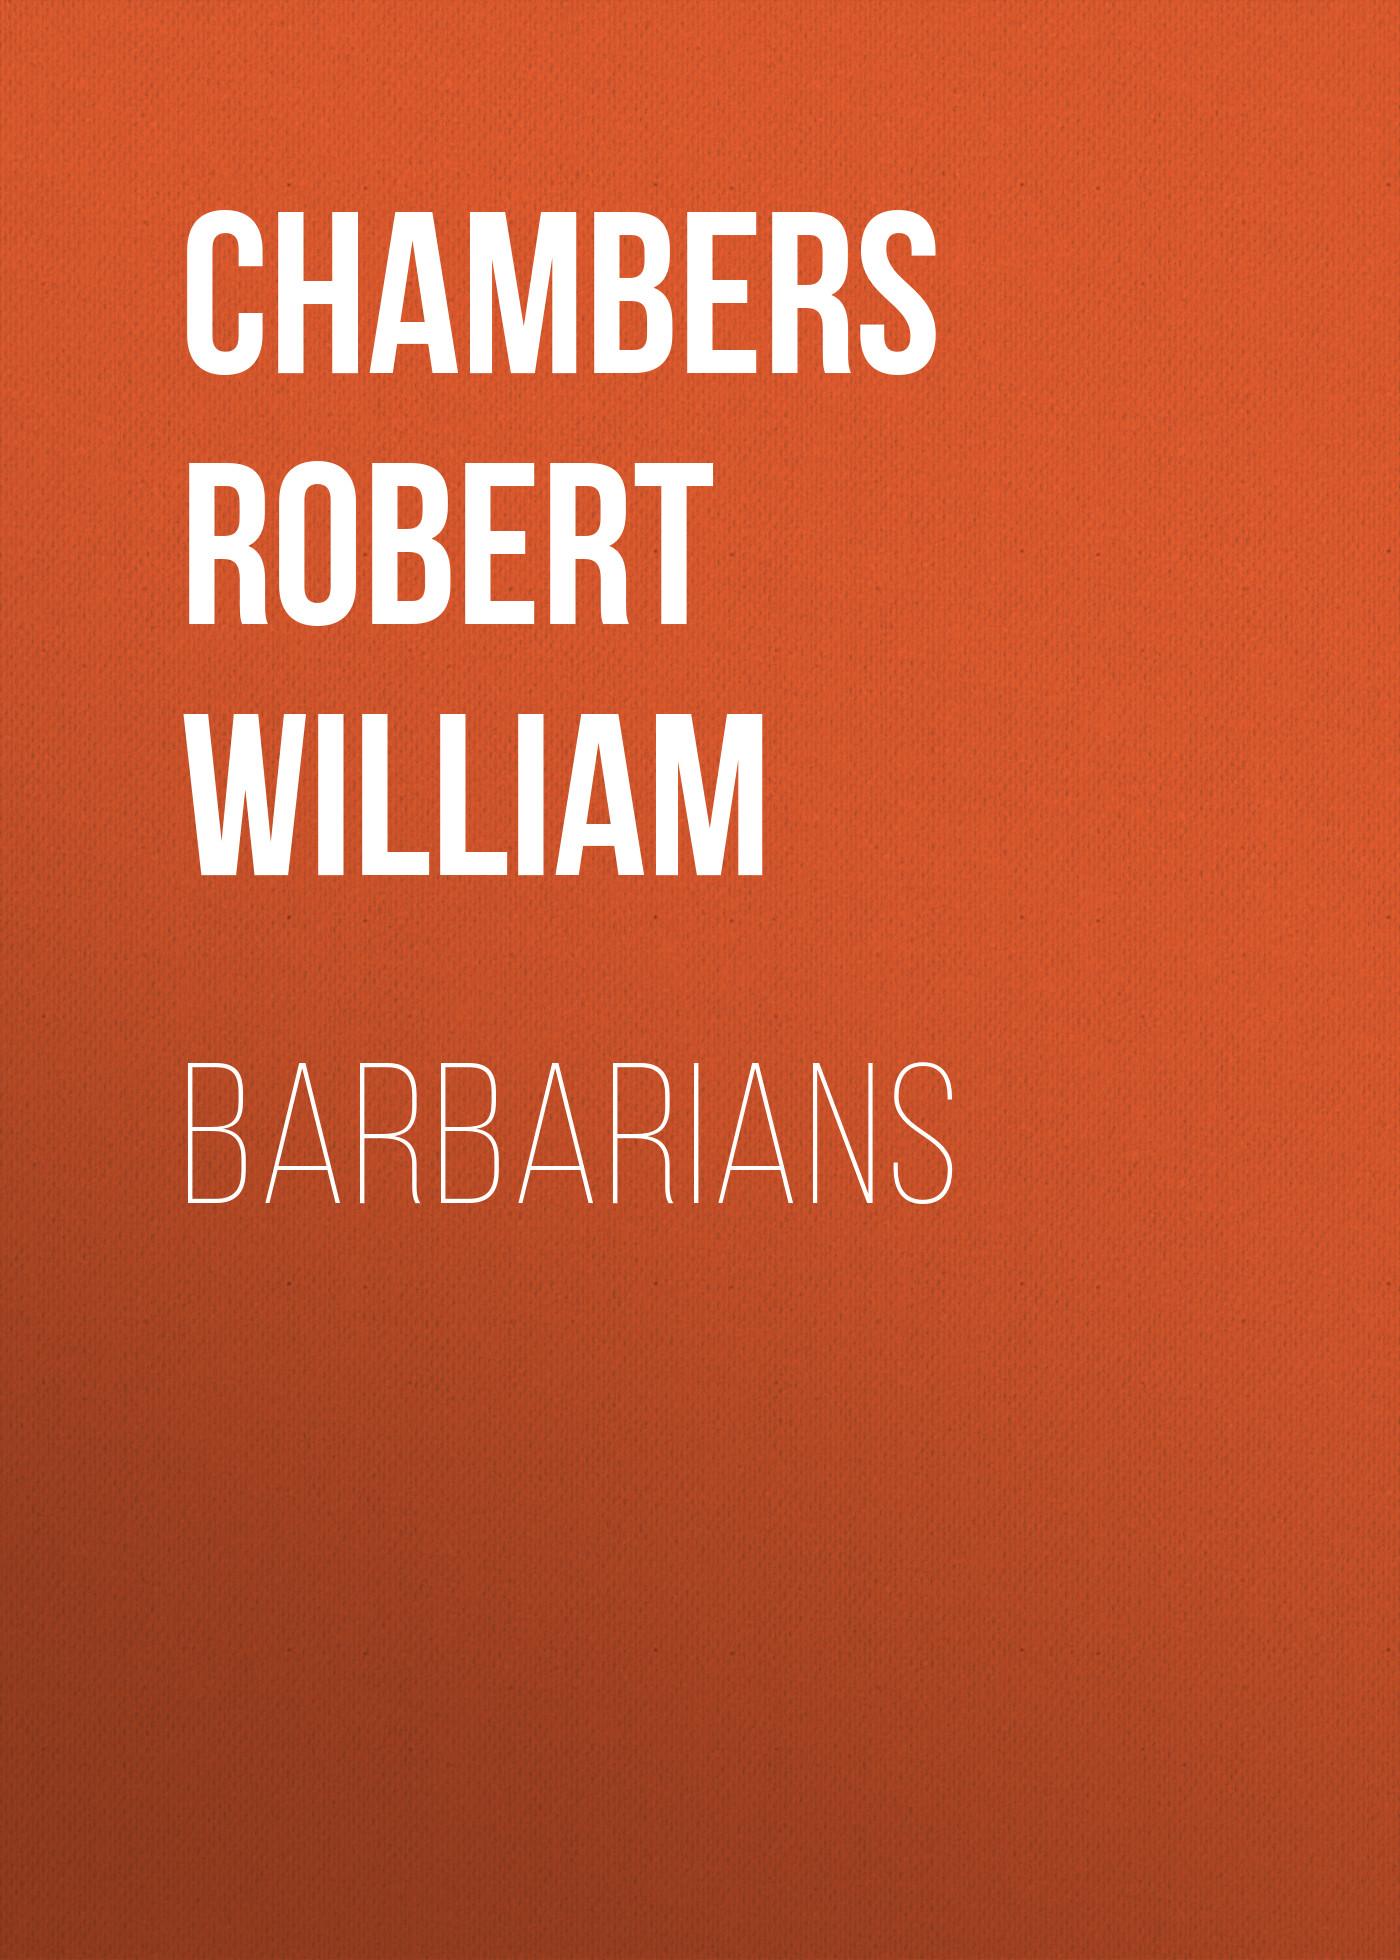 Chambers Robert William Barbarians